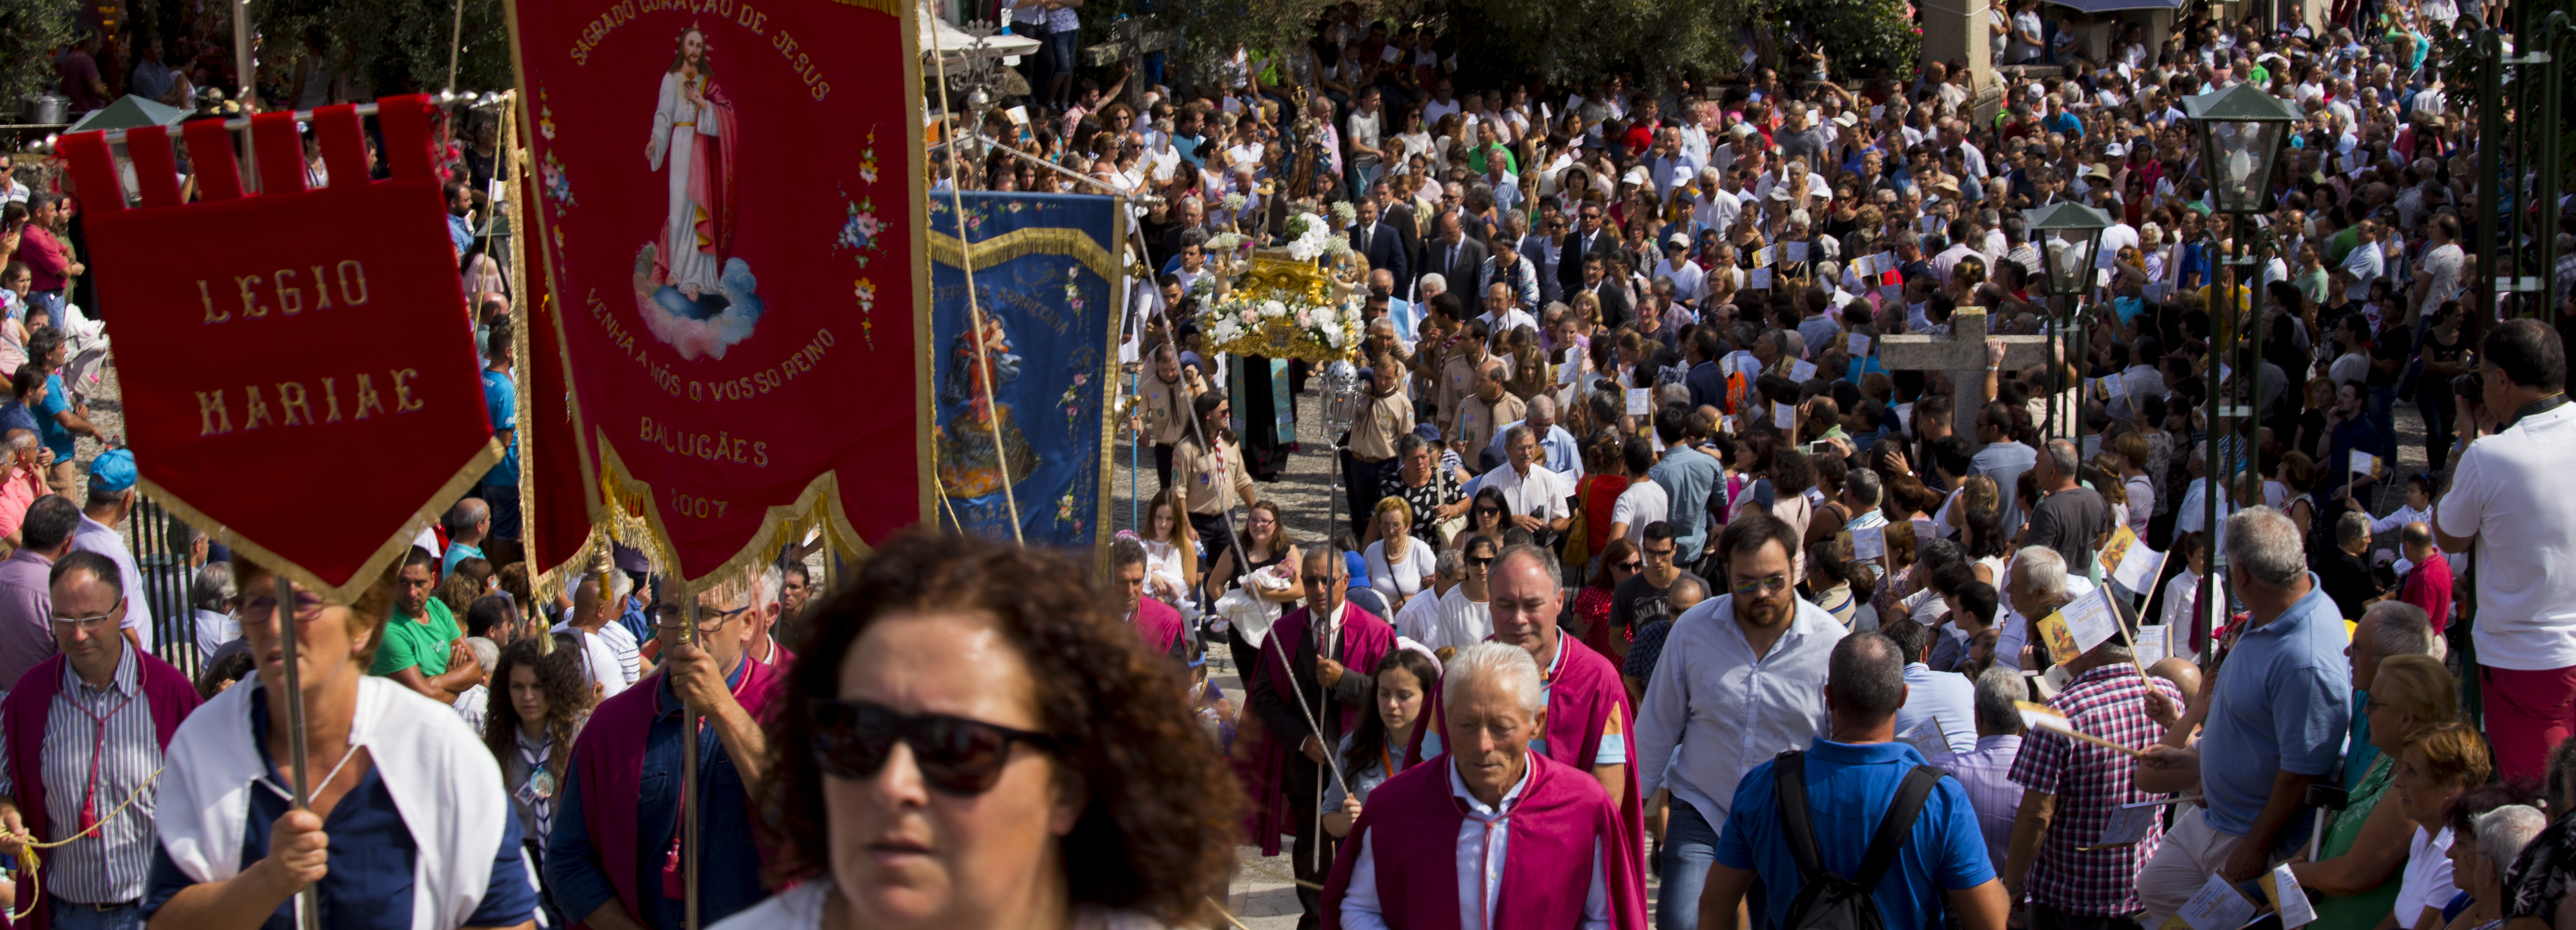 Peregrinações à Franqueira e à Aparecida mobilizam milhares de fiéis